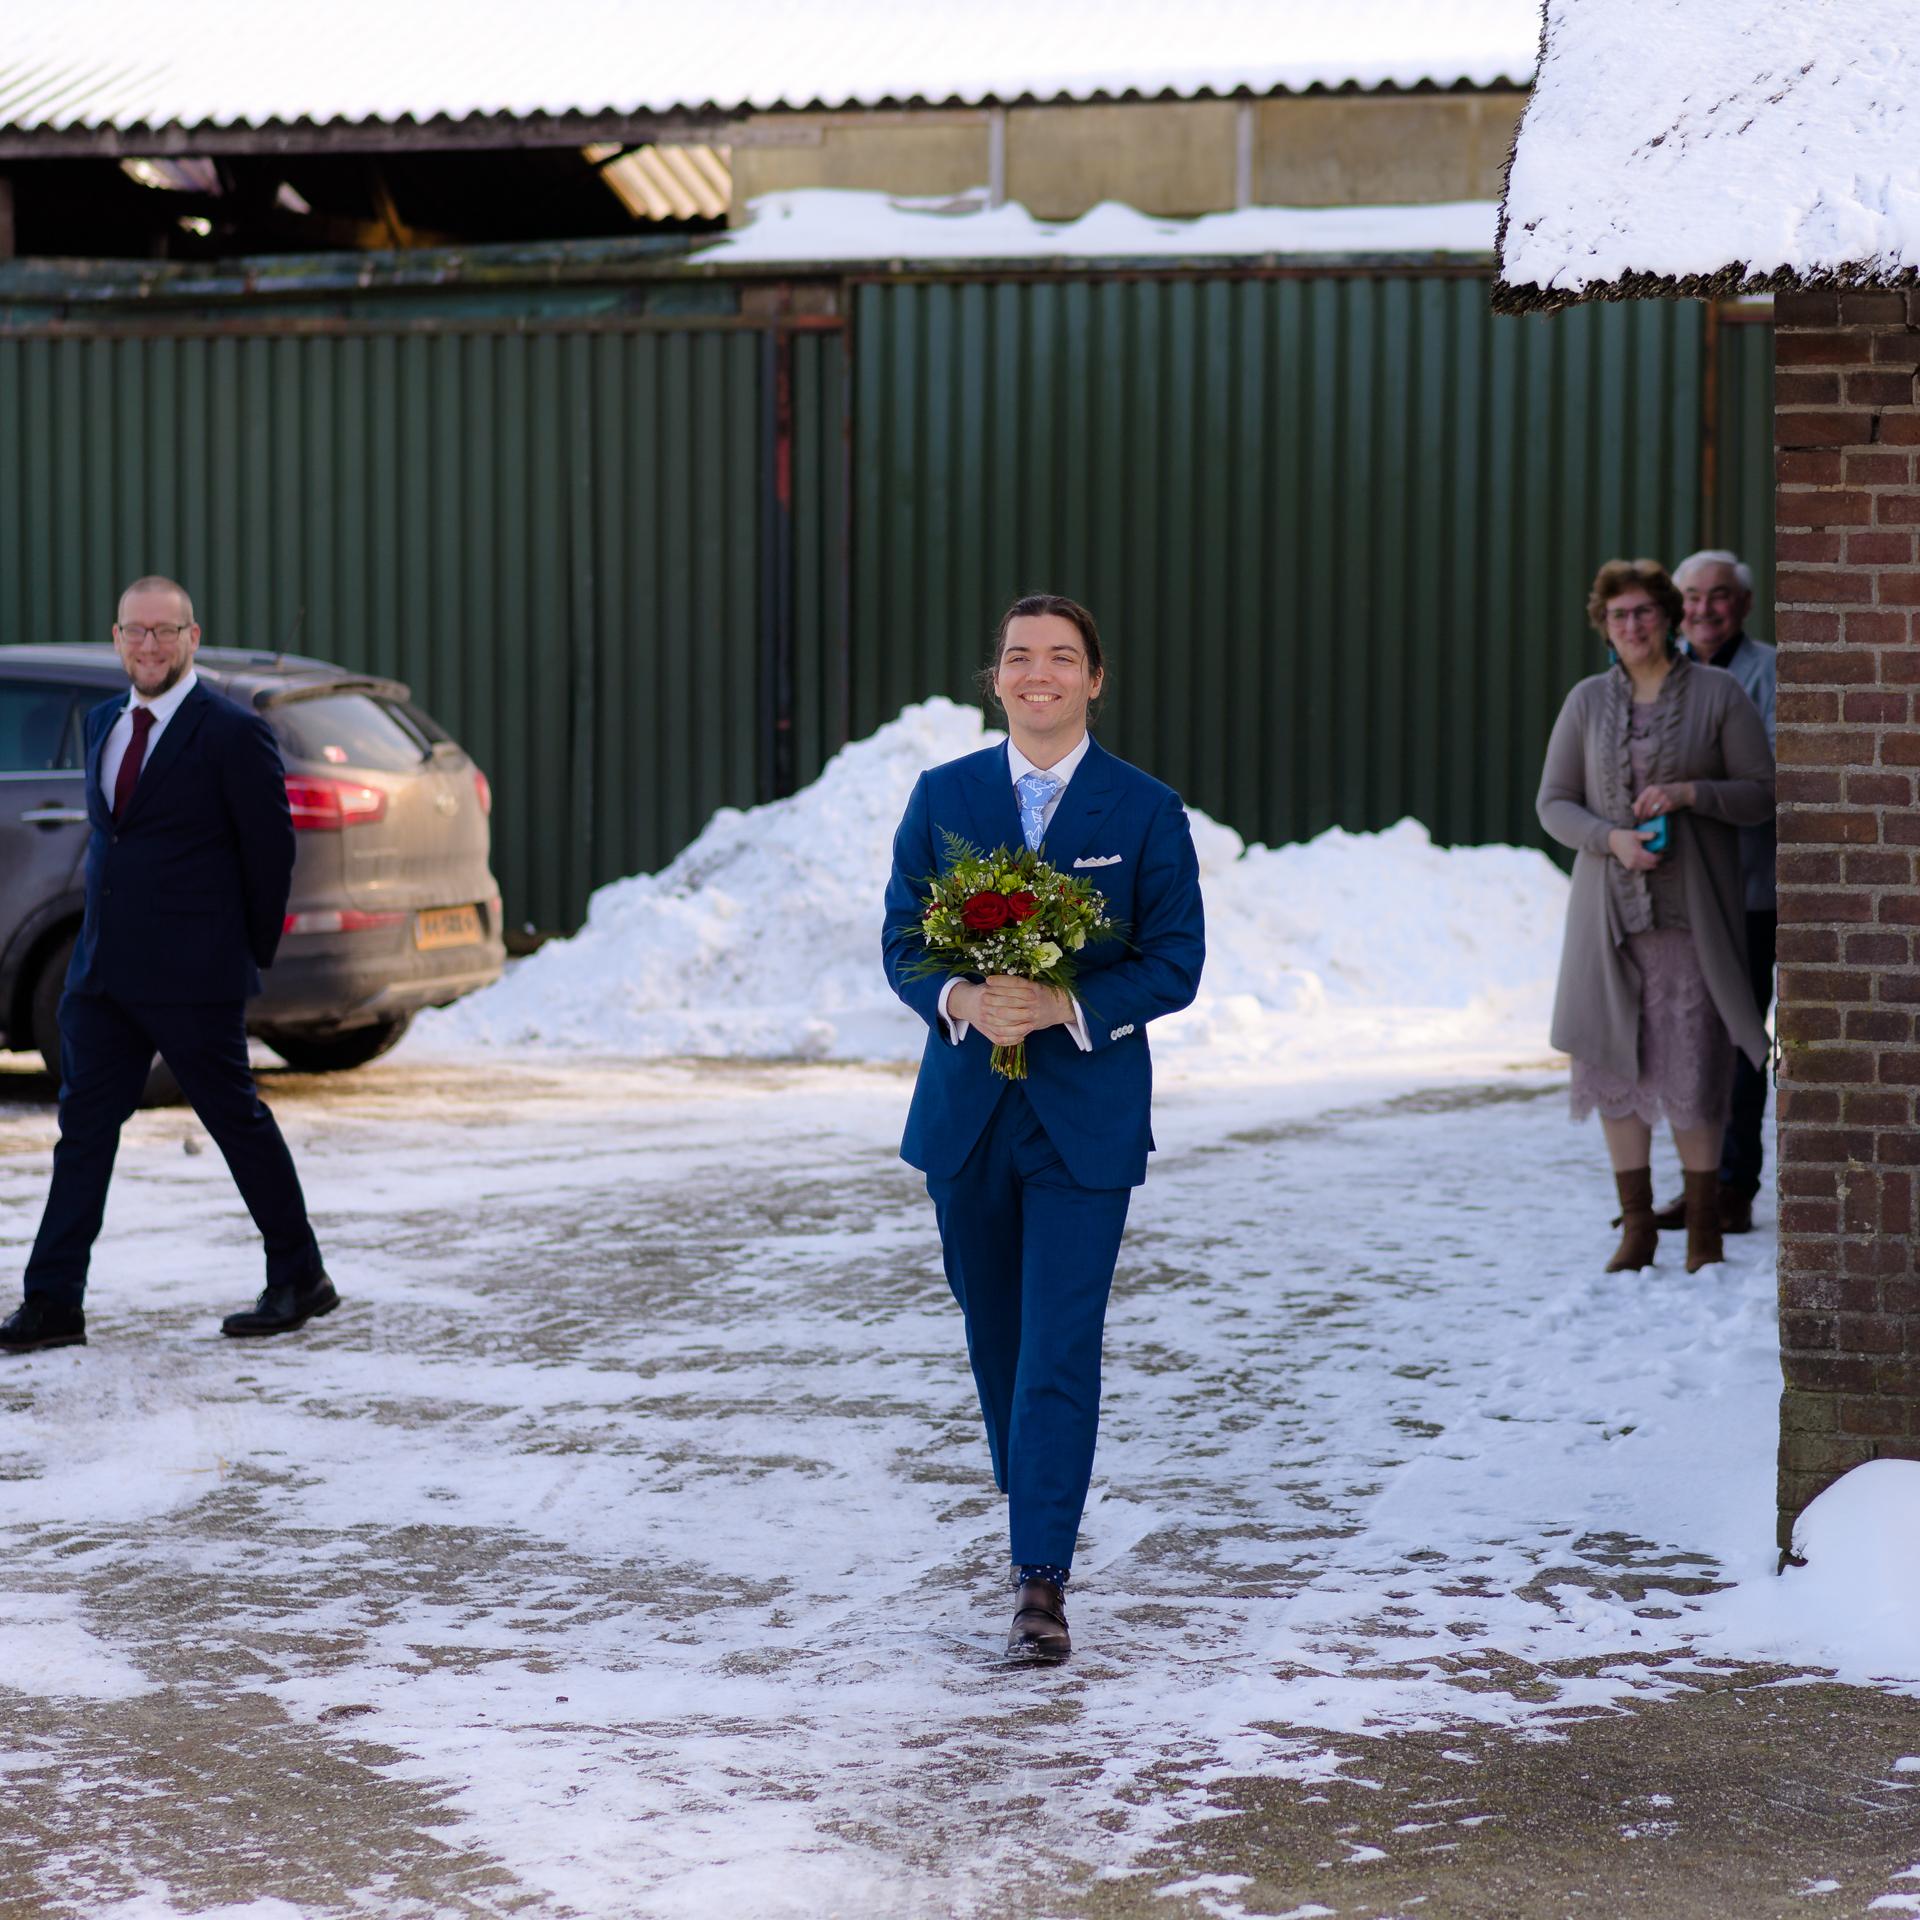 Bruiloft Kasteel Ter Horst Loenen in winter met sneeuw